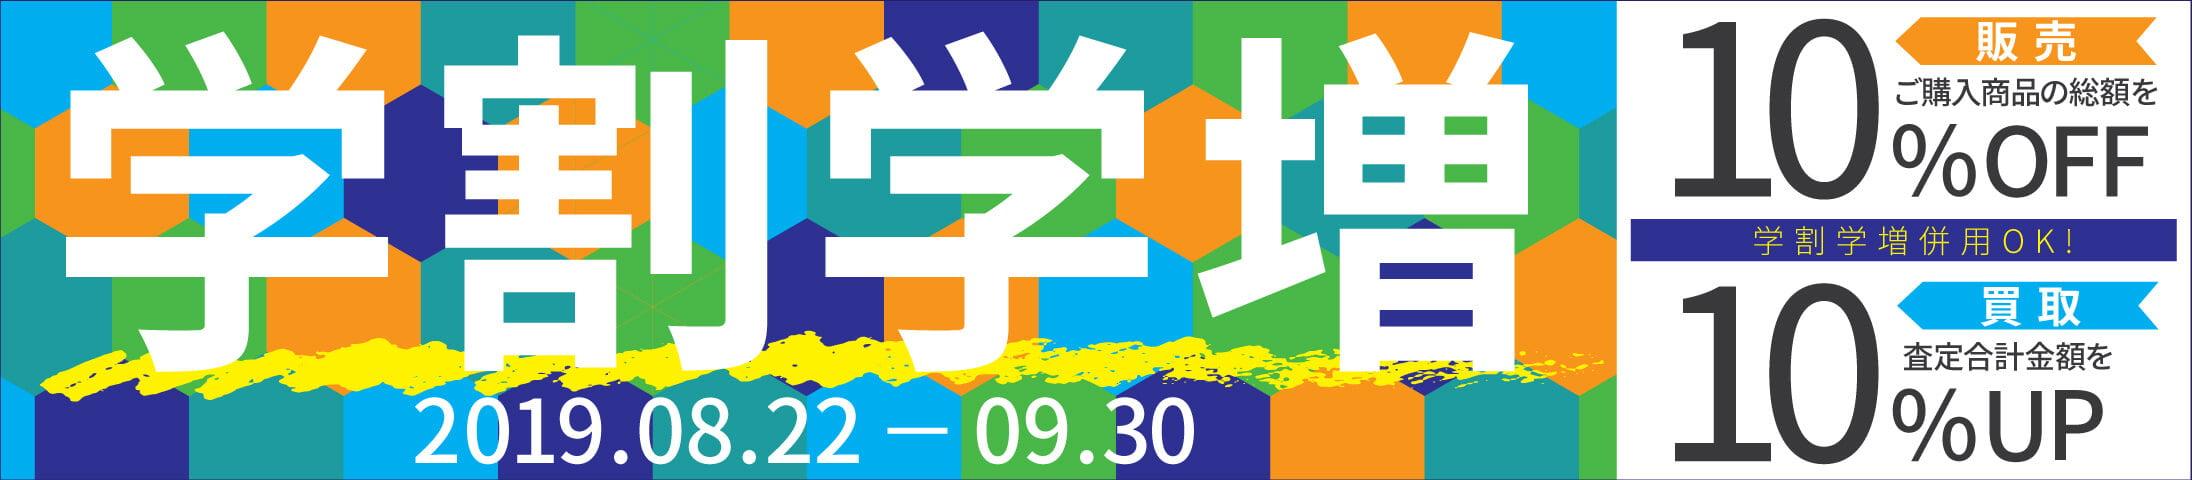 学割/学増キャンペーン